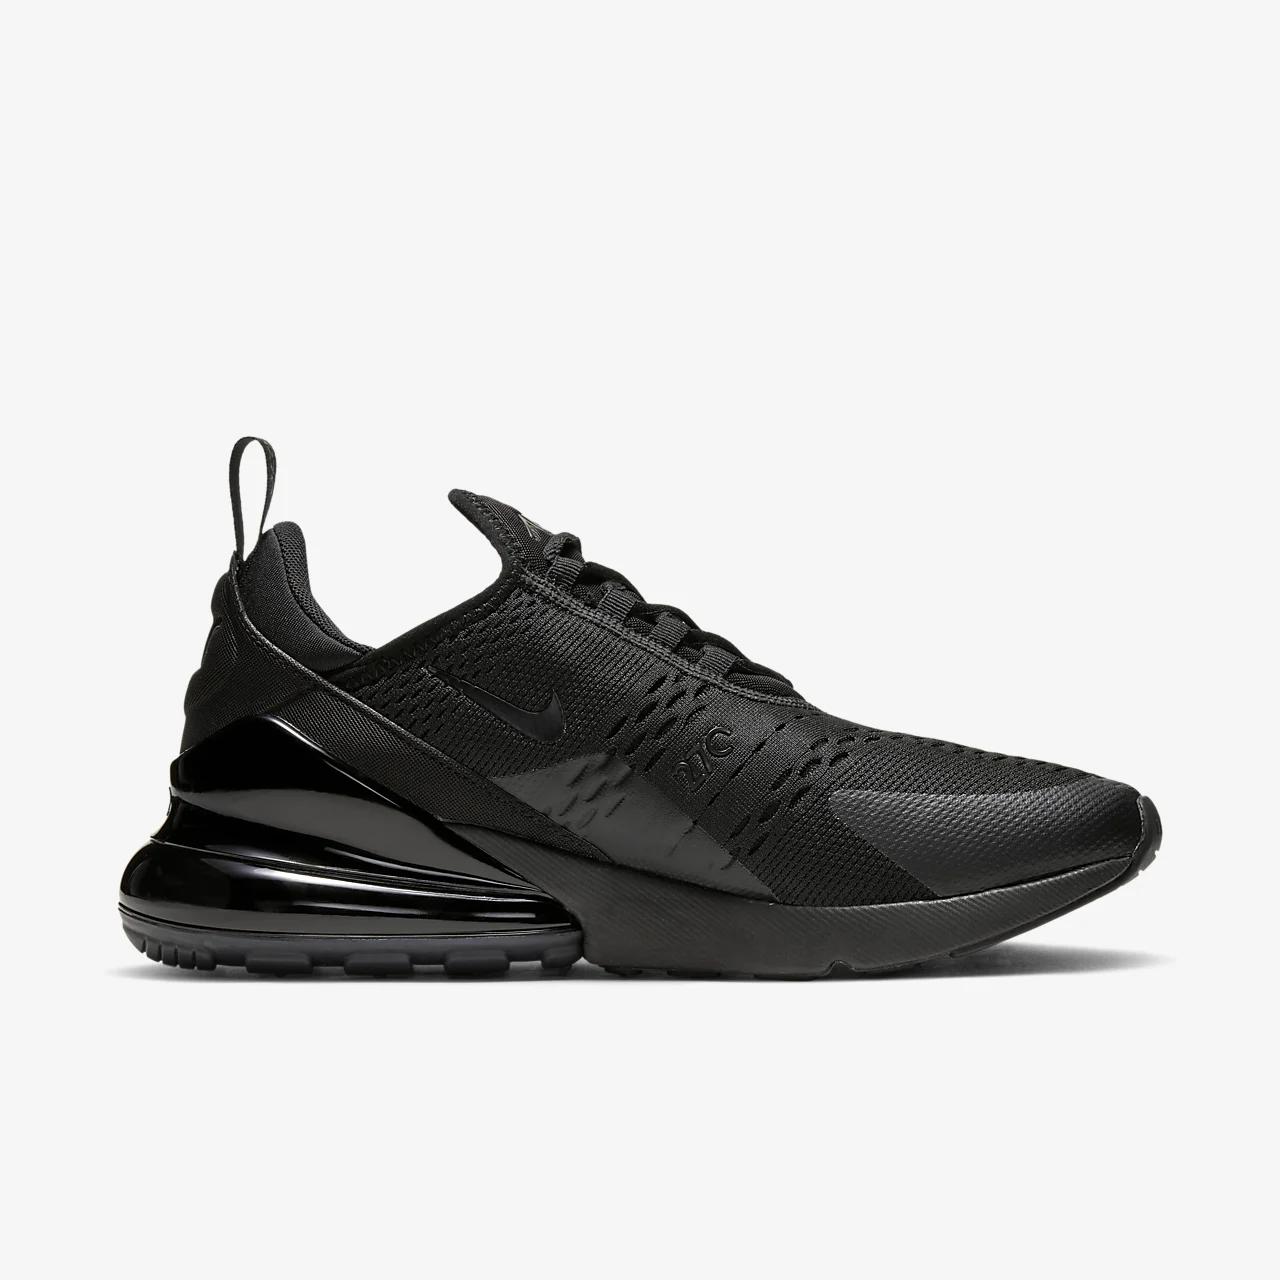 나이키 에어 맥스 270 남성 신발 AH8050-005